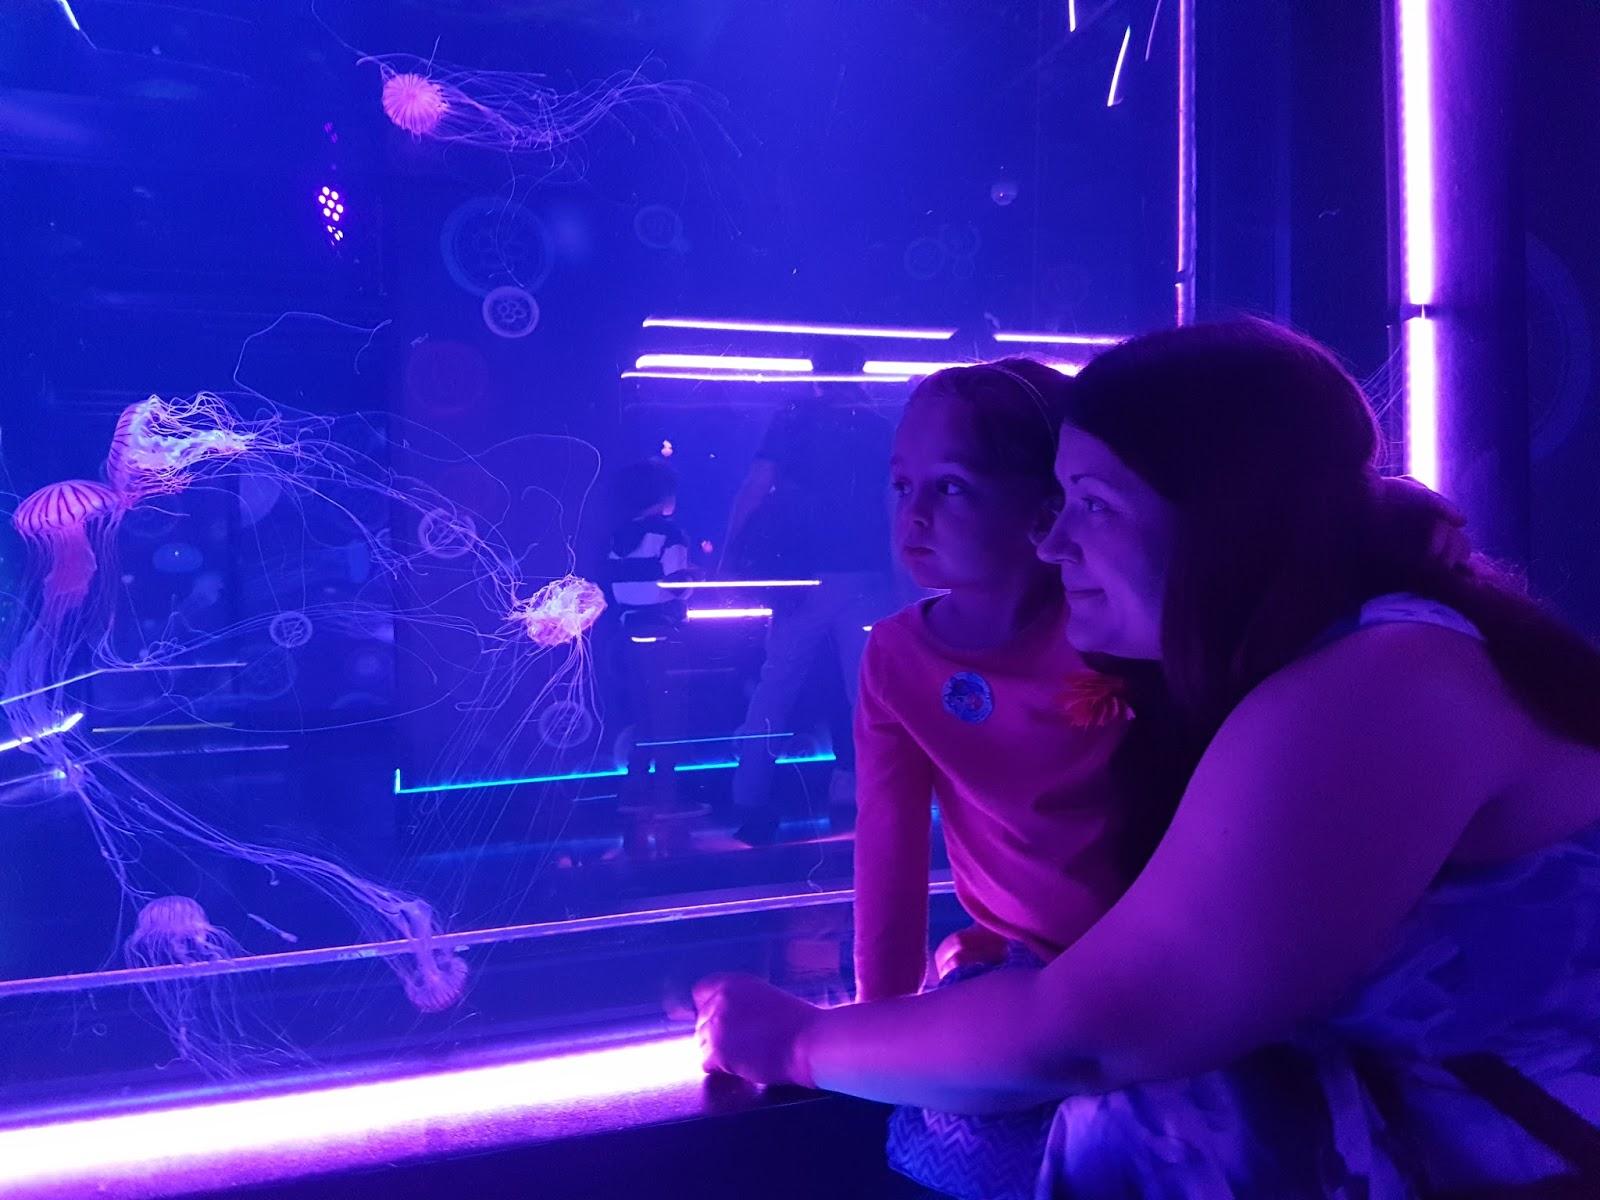 mum and daughter watching jellyfish